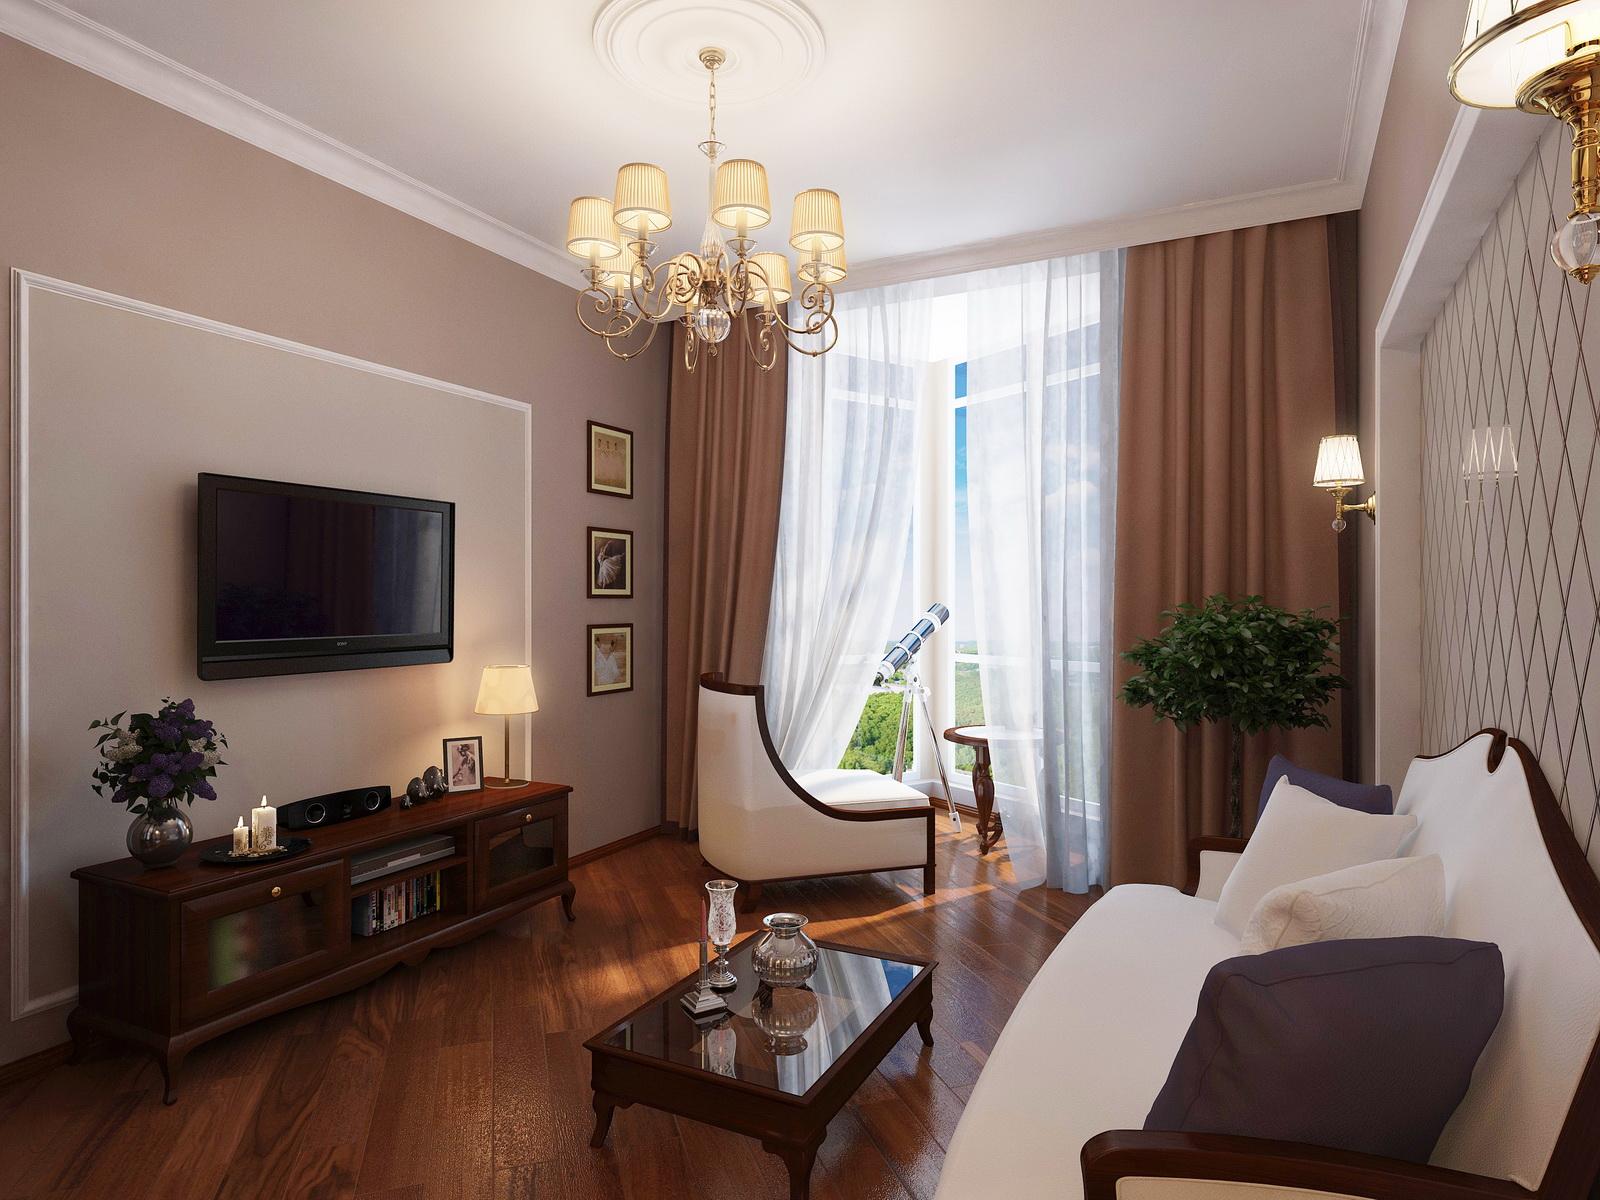 dizajn dvuhkomnatnoj kvartiry 9 - Идеи интерьера трехкомнатной квартиры